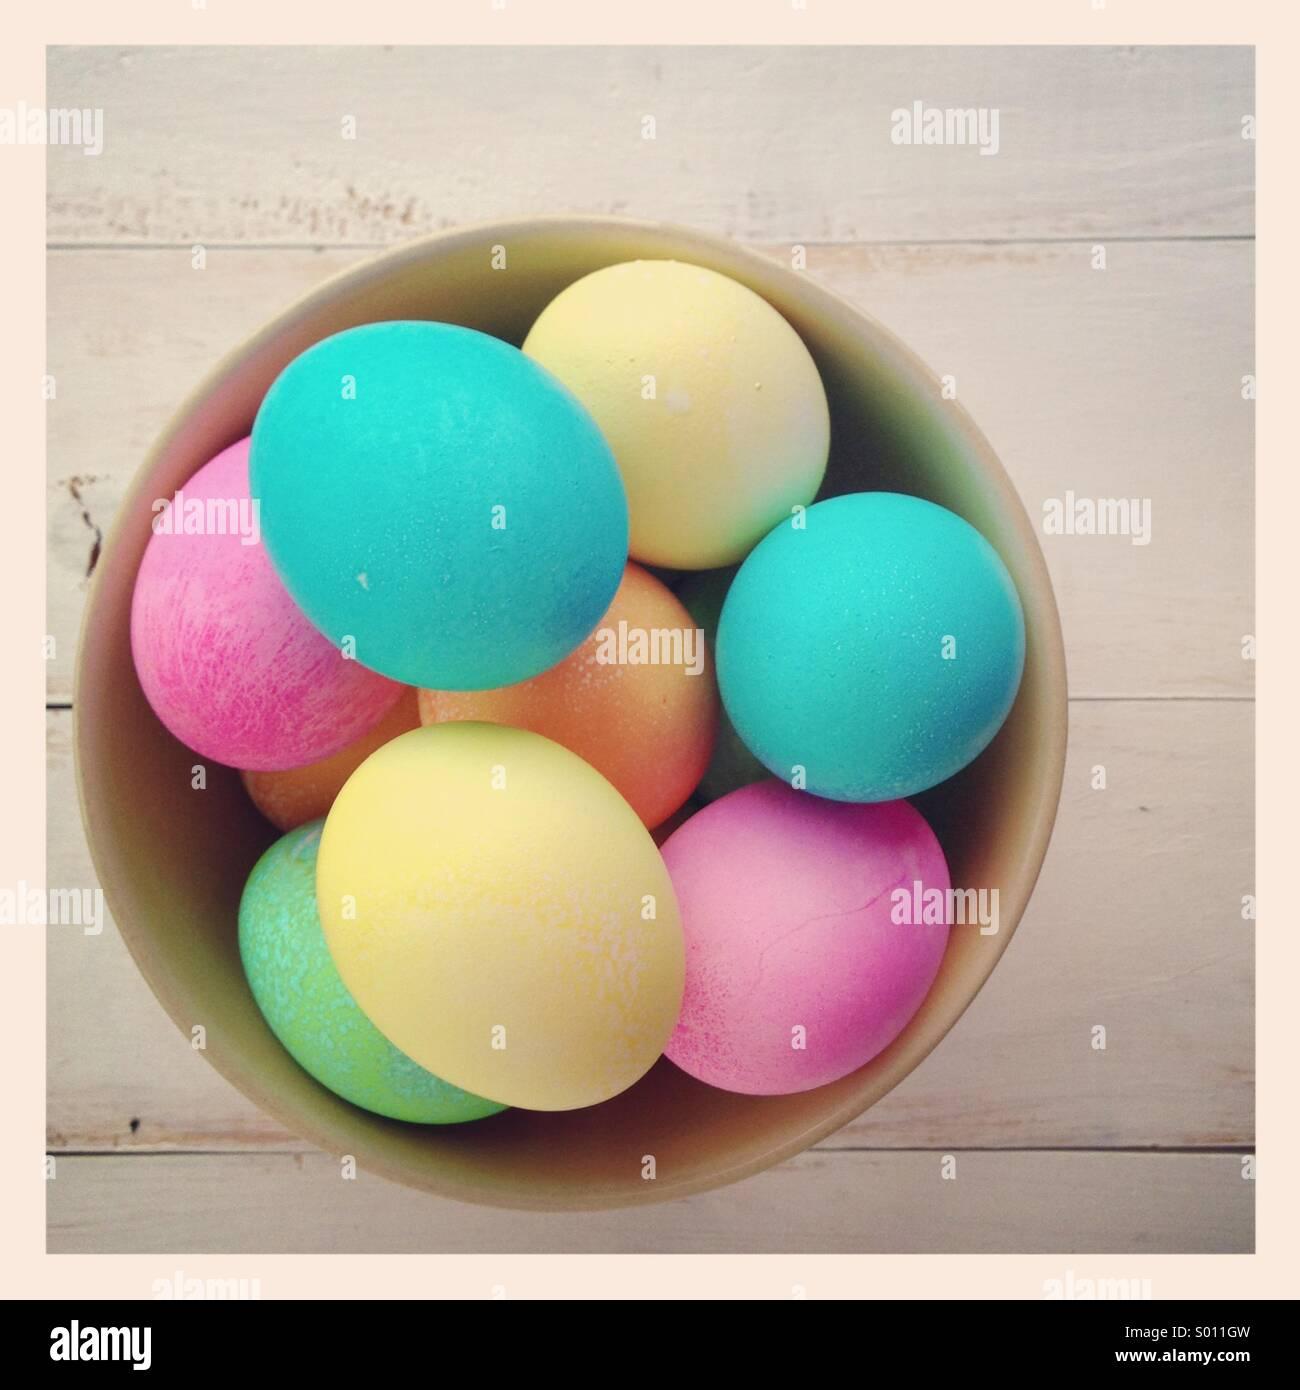 Tinti di uova di pasqua in una ciotola Immagini Stock